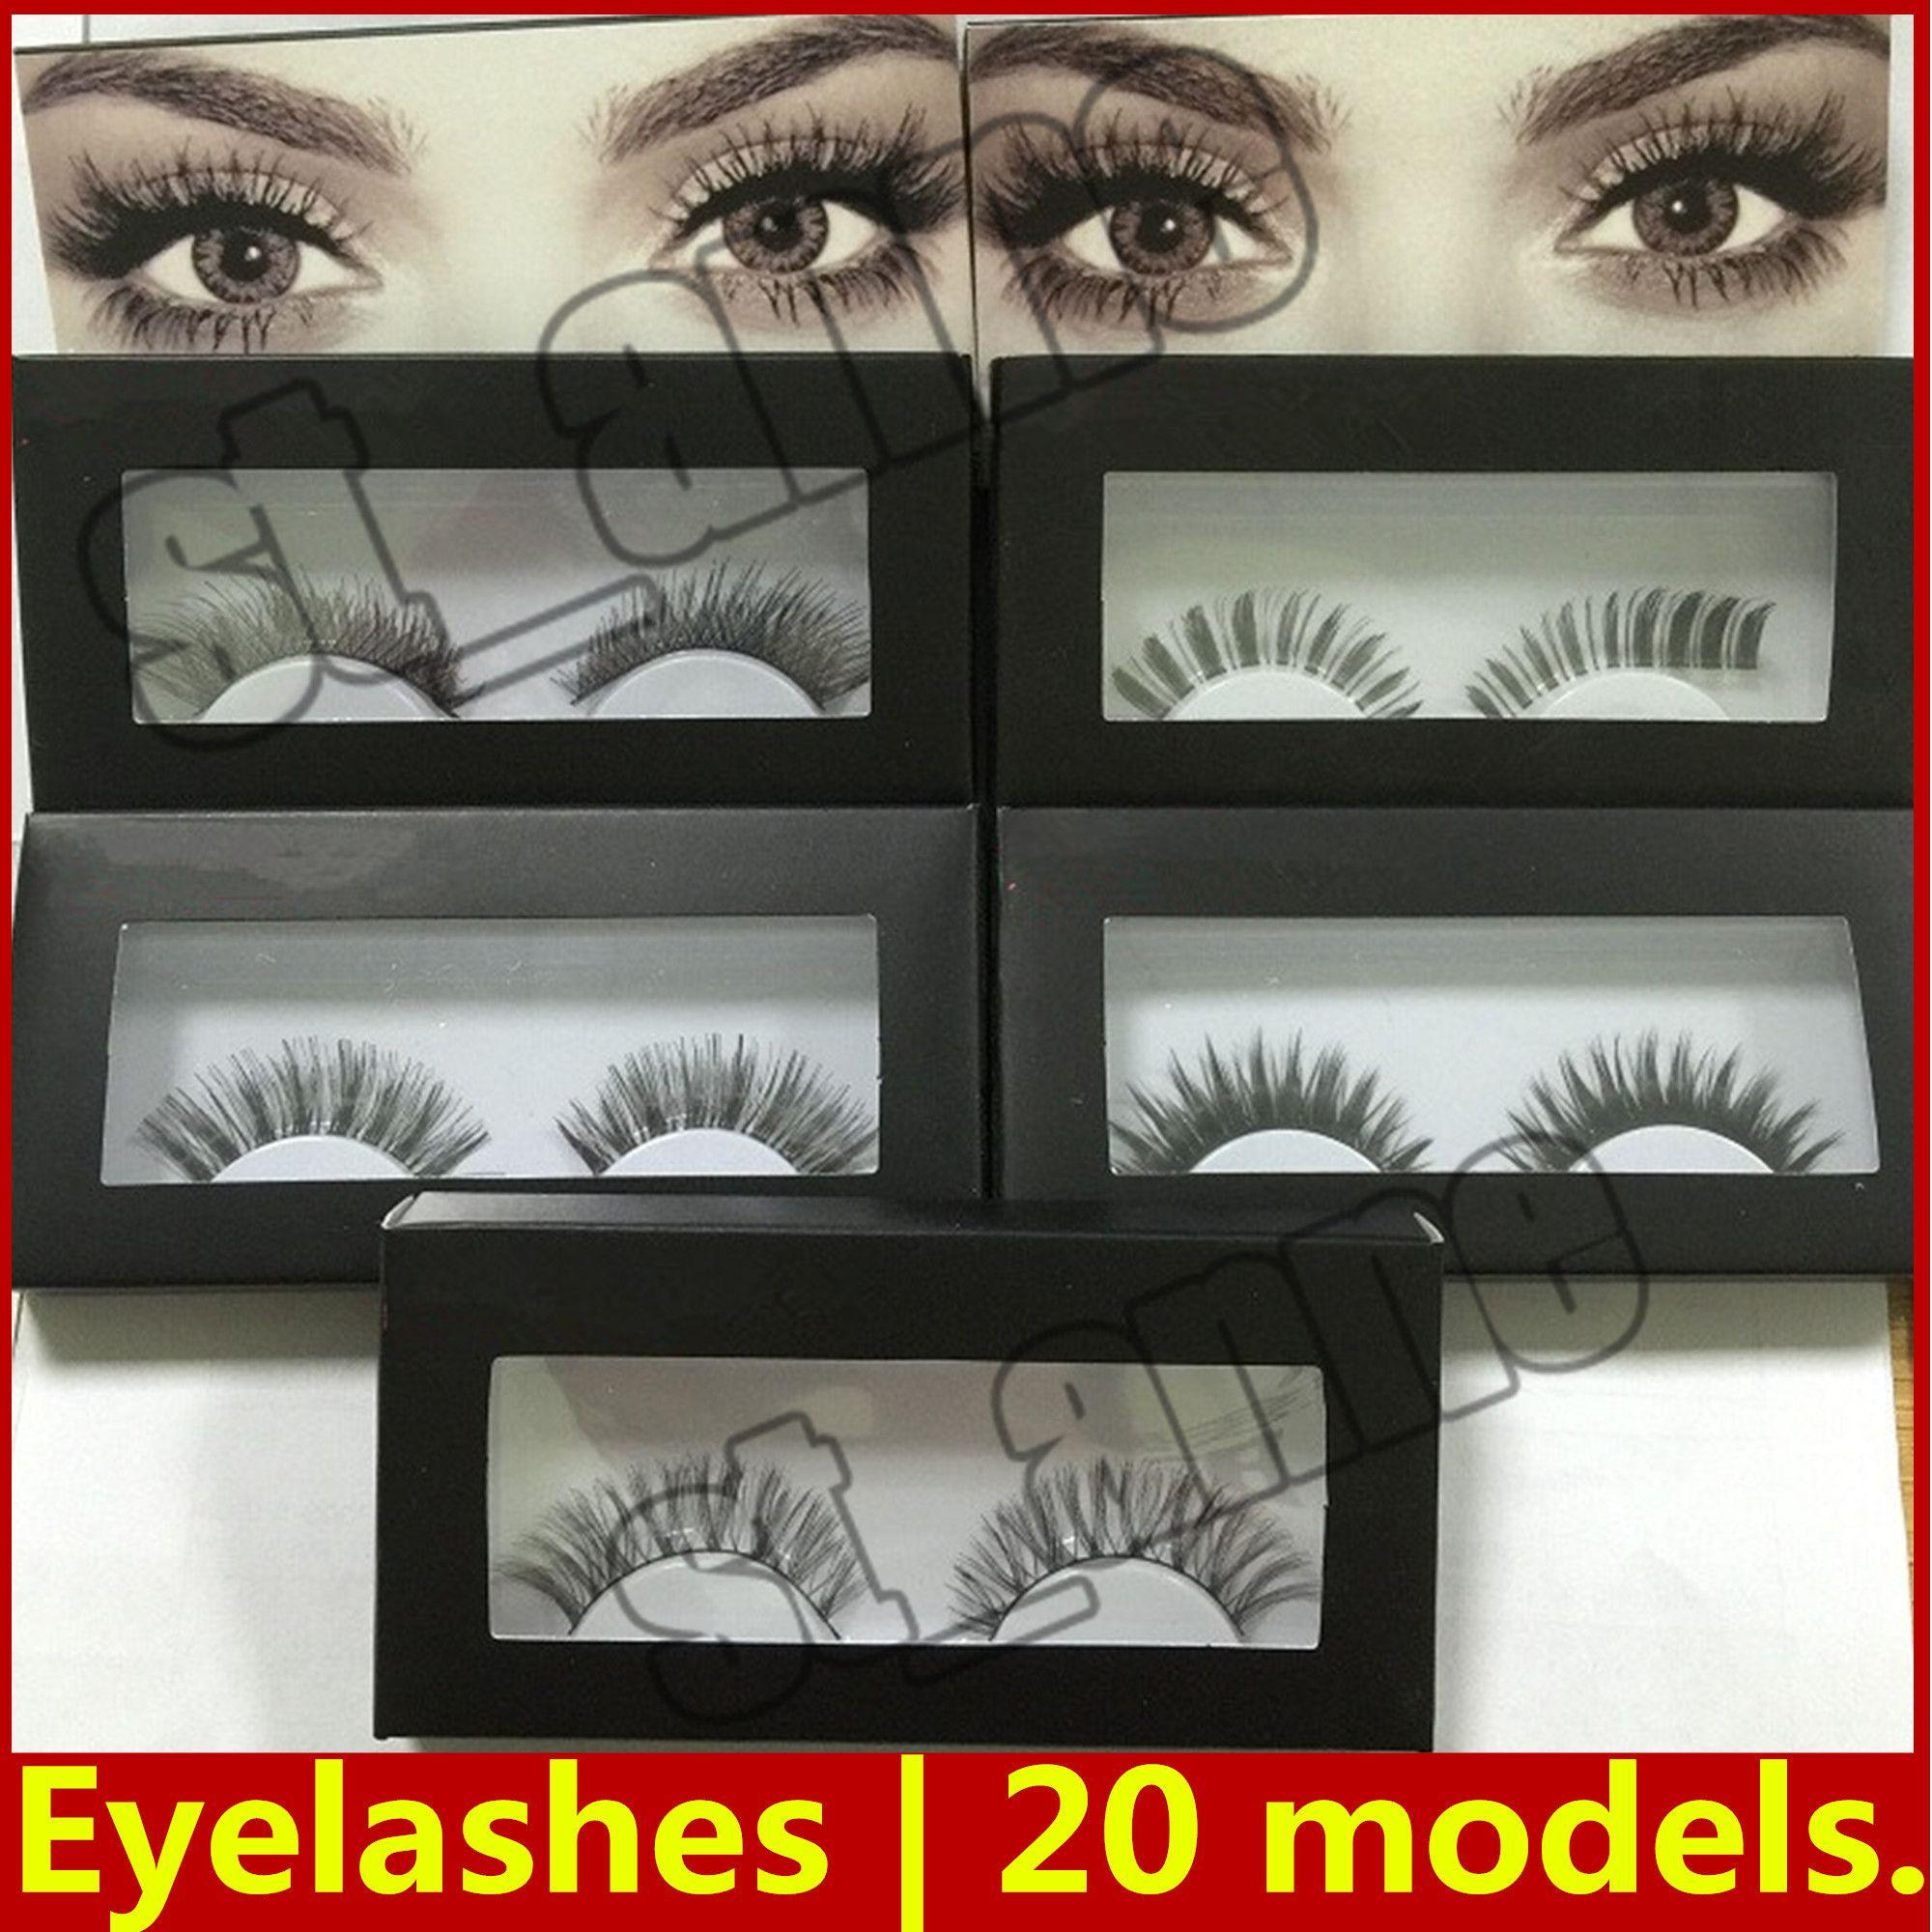 41bab423c Alyssa Beauty False Eyelashes Candy Samantha Extensions Handmade Lashes  Fake Eyelashes For Eye Lashes Monique Makeup Beauty Eyelashes Individual  Eyelash ...